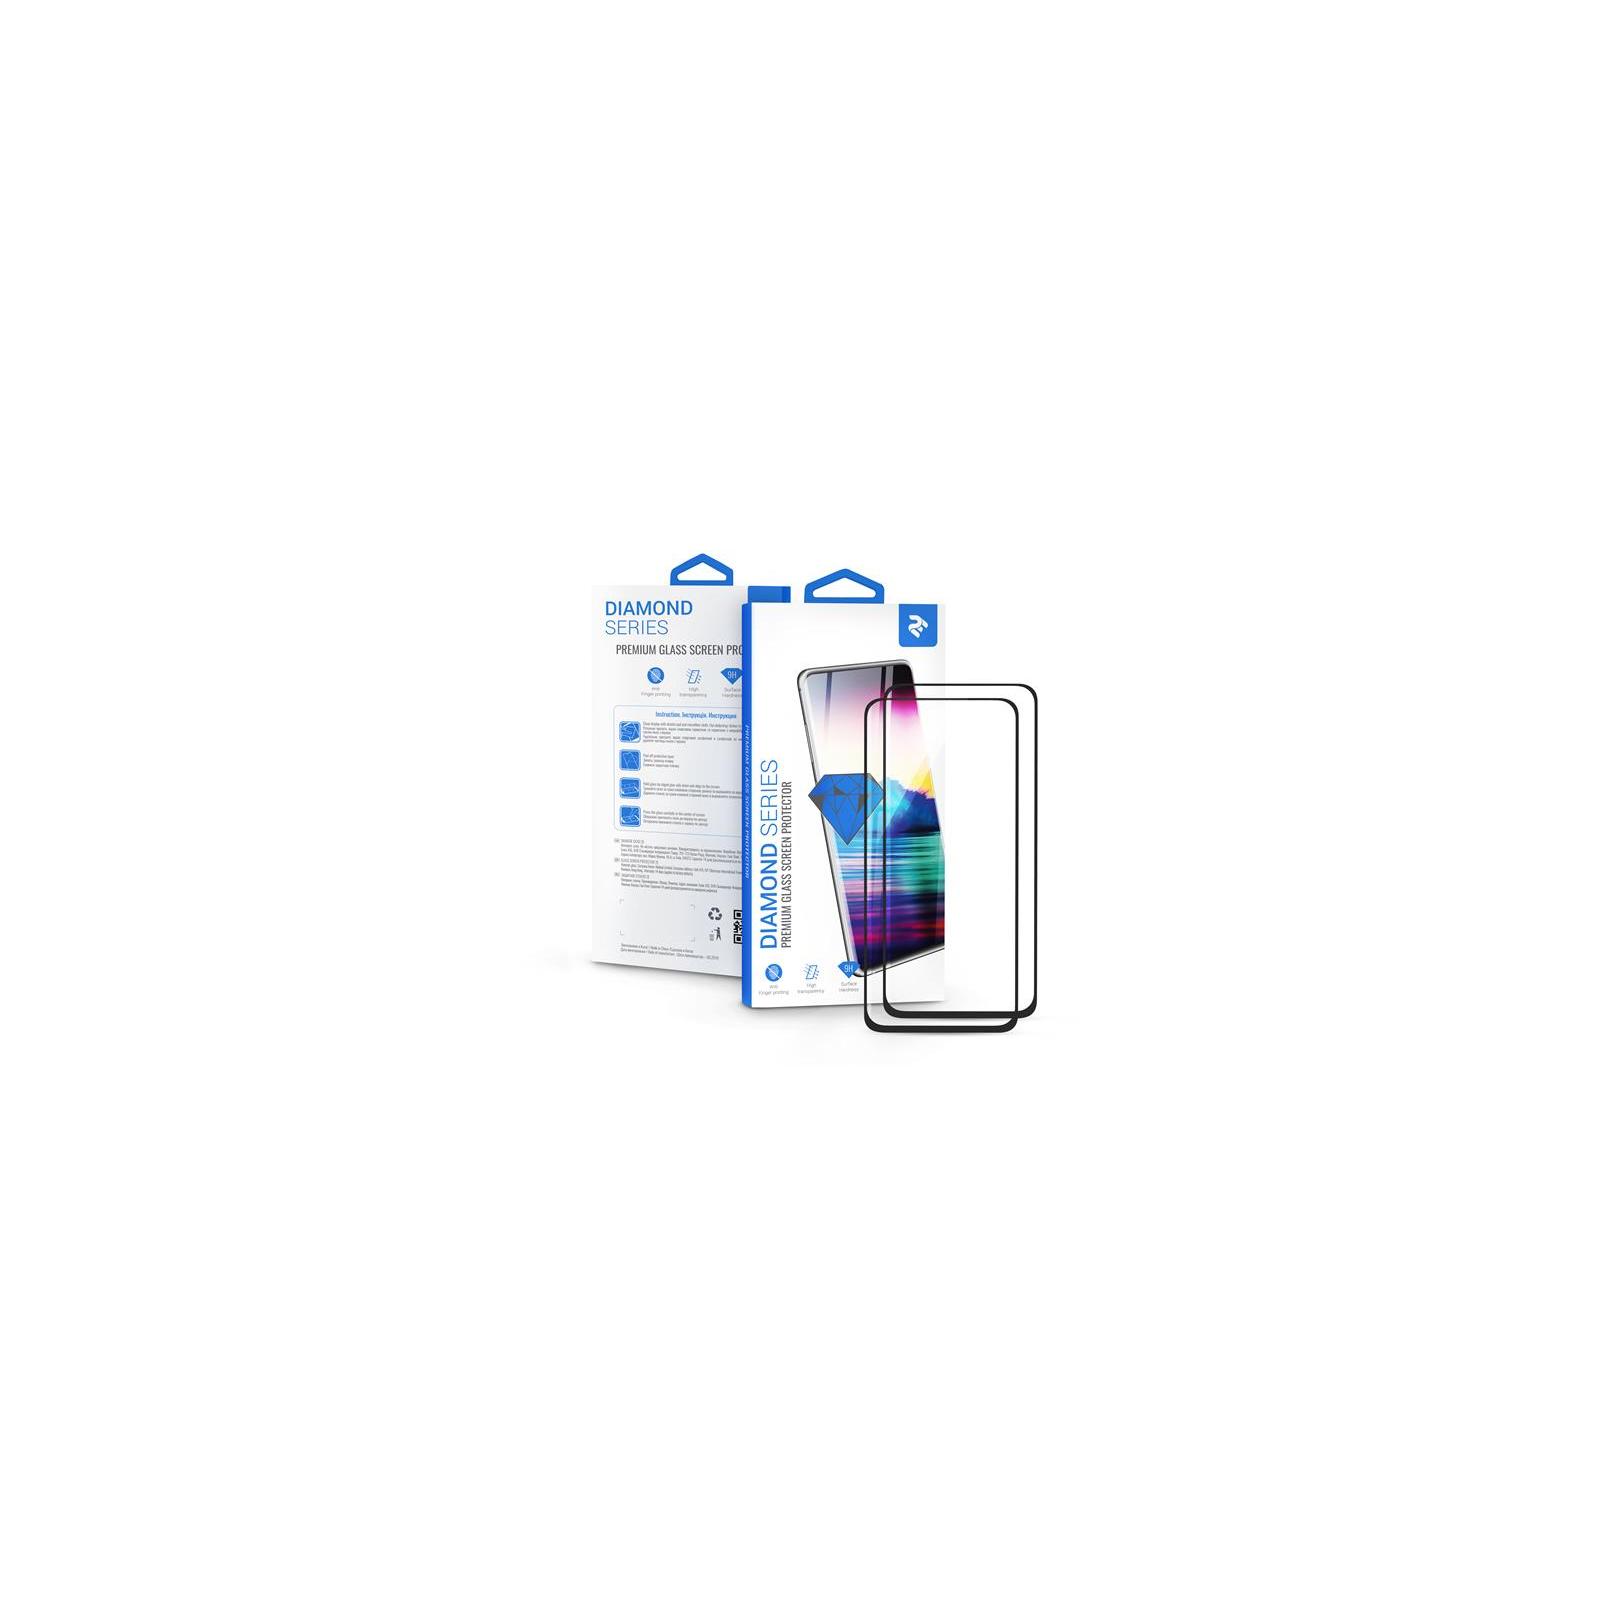 Стекло защитное 2E Xiaomi Redmi Note 8 Pro , 2.5D FCFG, black border (2in1) (2E-MI-N8PR-LT-BB-2IN1)